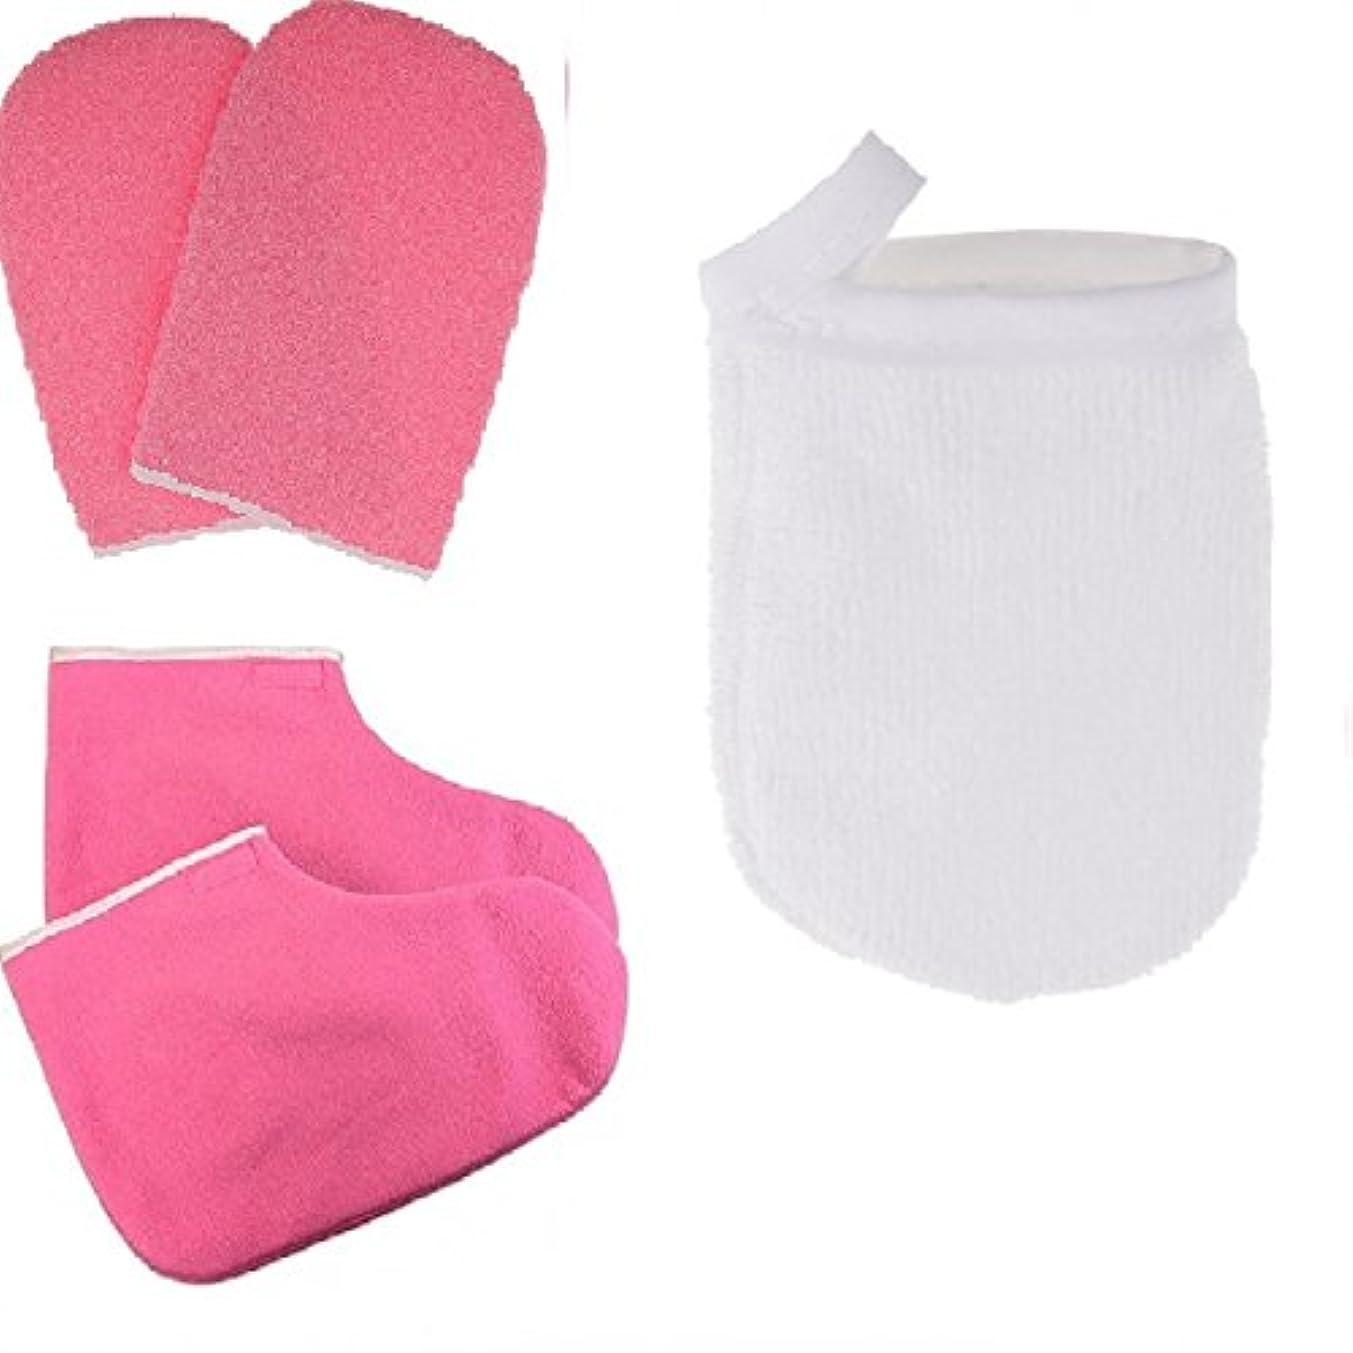 薄いです葉を集めるしなやかなCUTICATE パラフィン蝋手袋およびブーティのスキンケアが付いている表面構造の清潔になる手袋